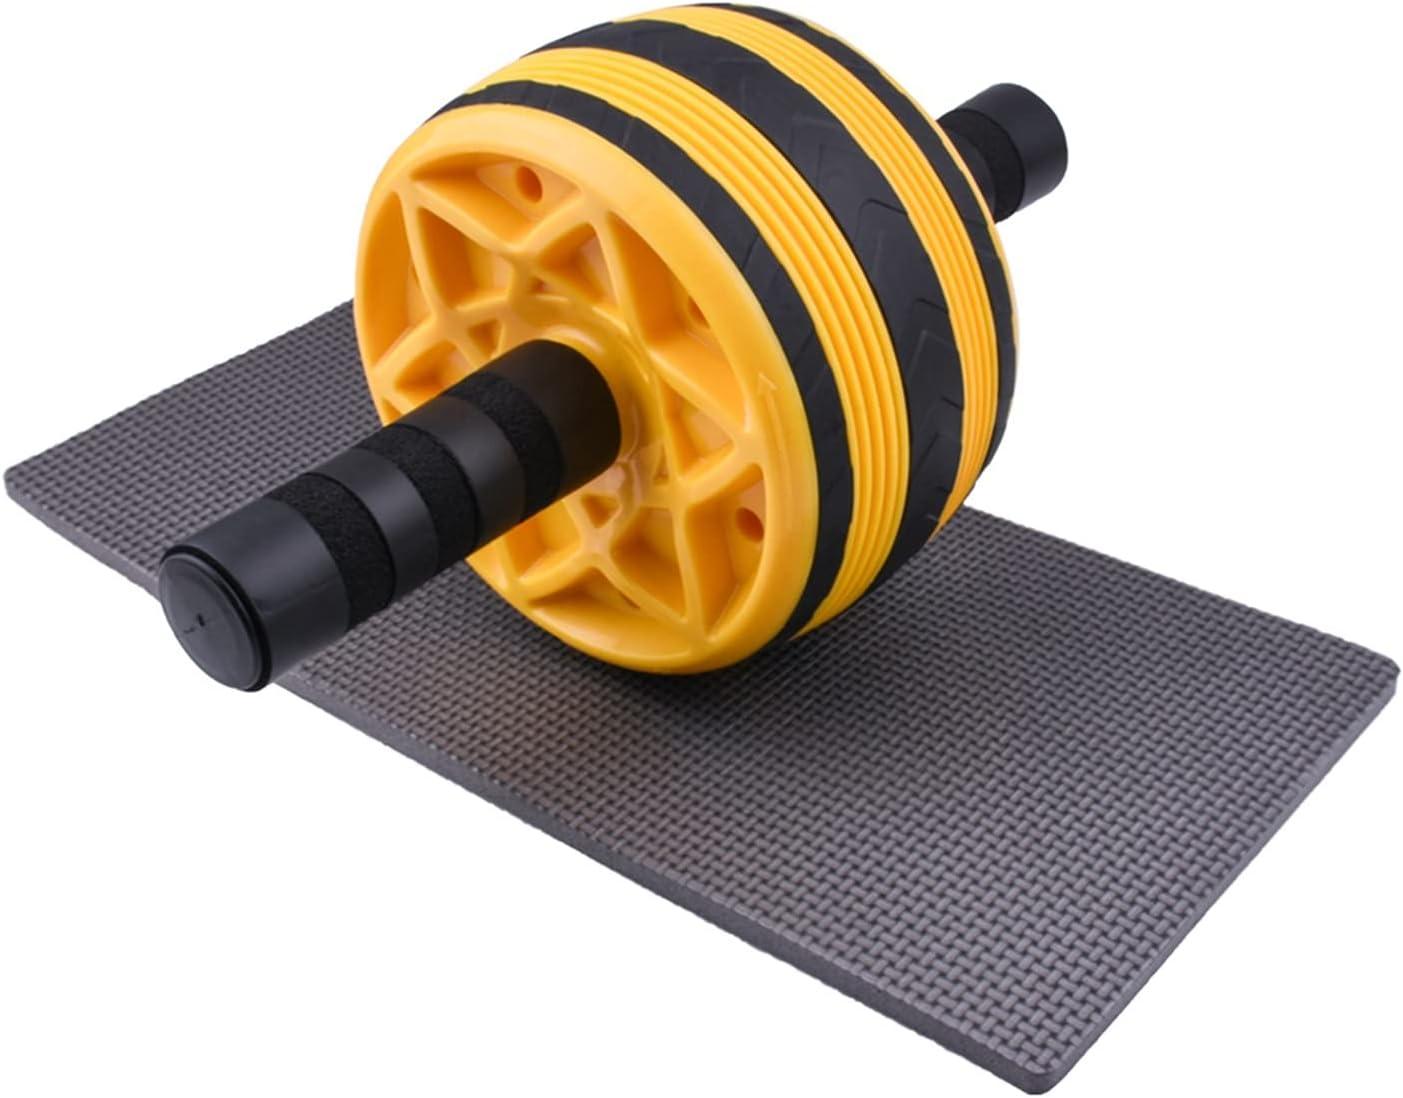 ELAUK Exercise Wheels AB Roller Wheel Machine Abdominal Exercise